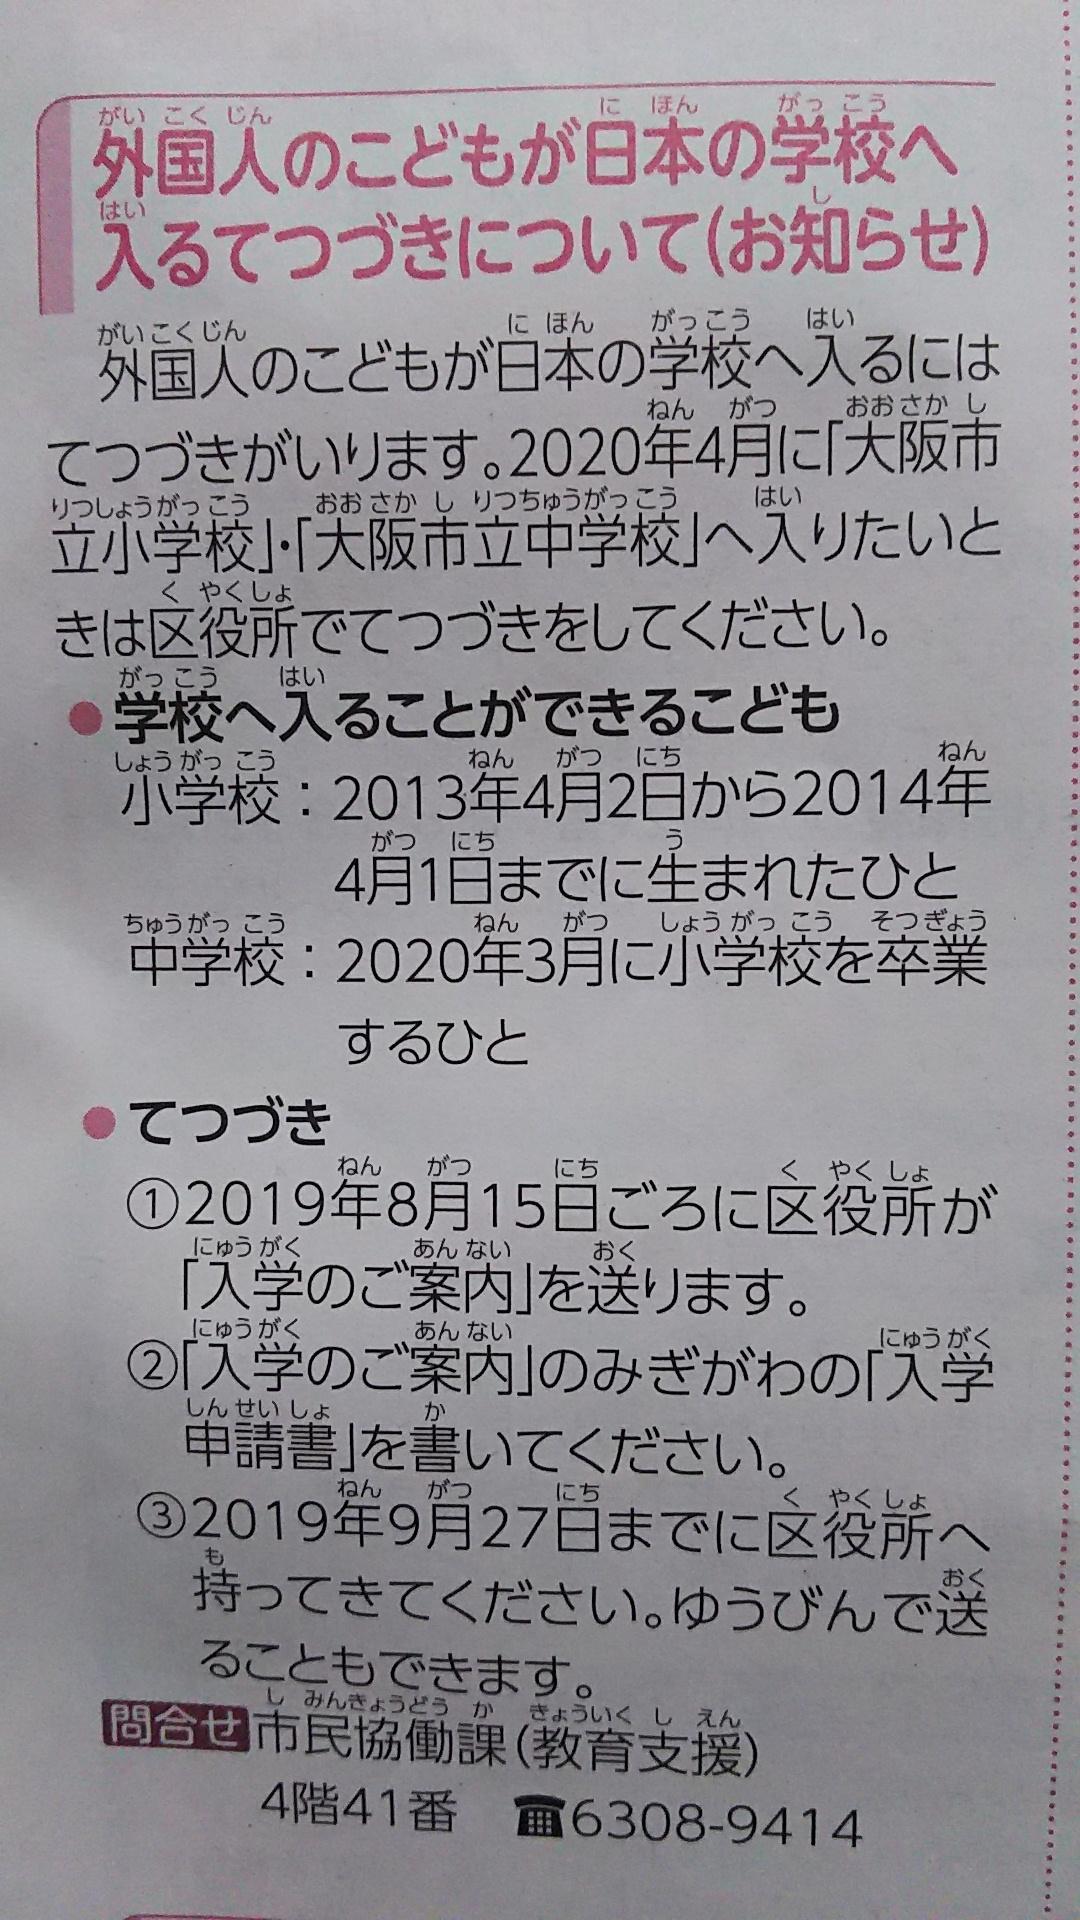 2020年 外国籍の子供の 入学手続きのお知らせ